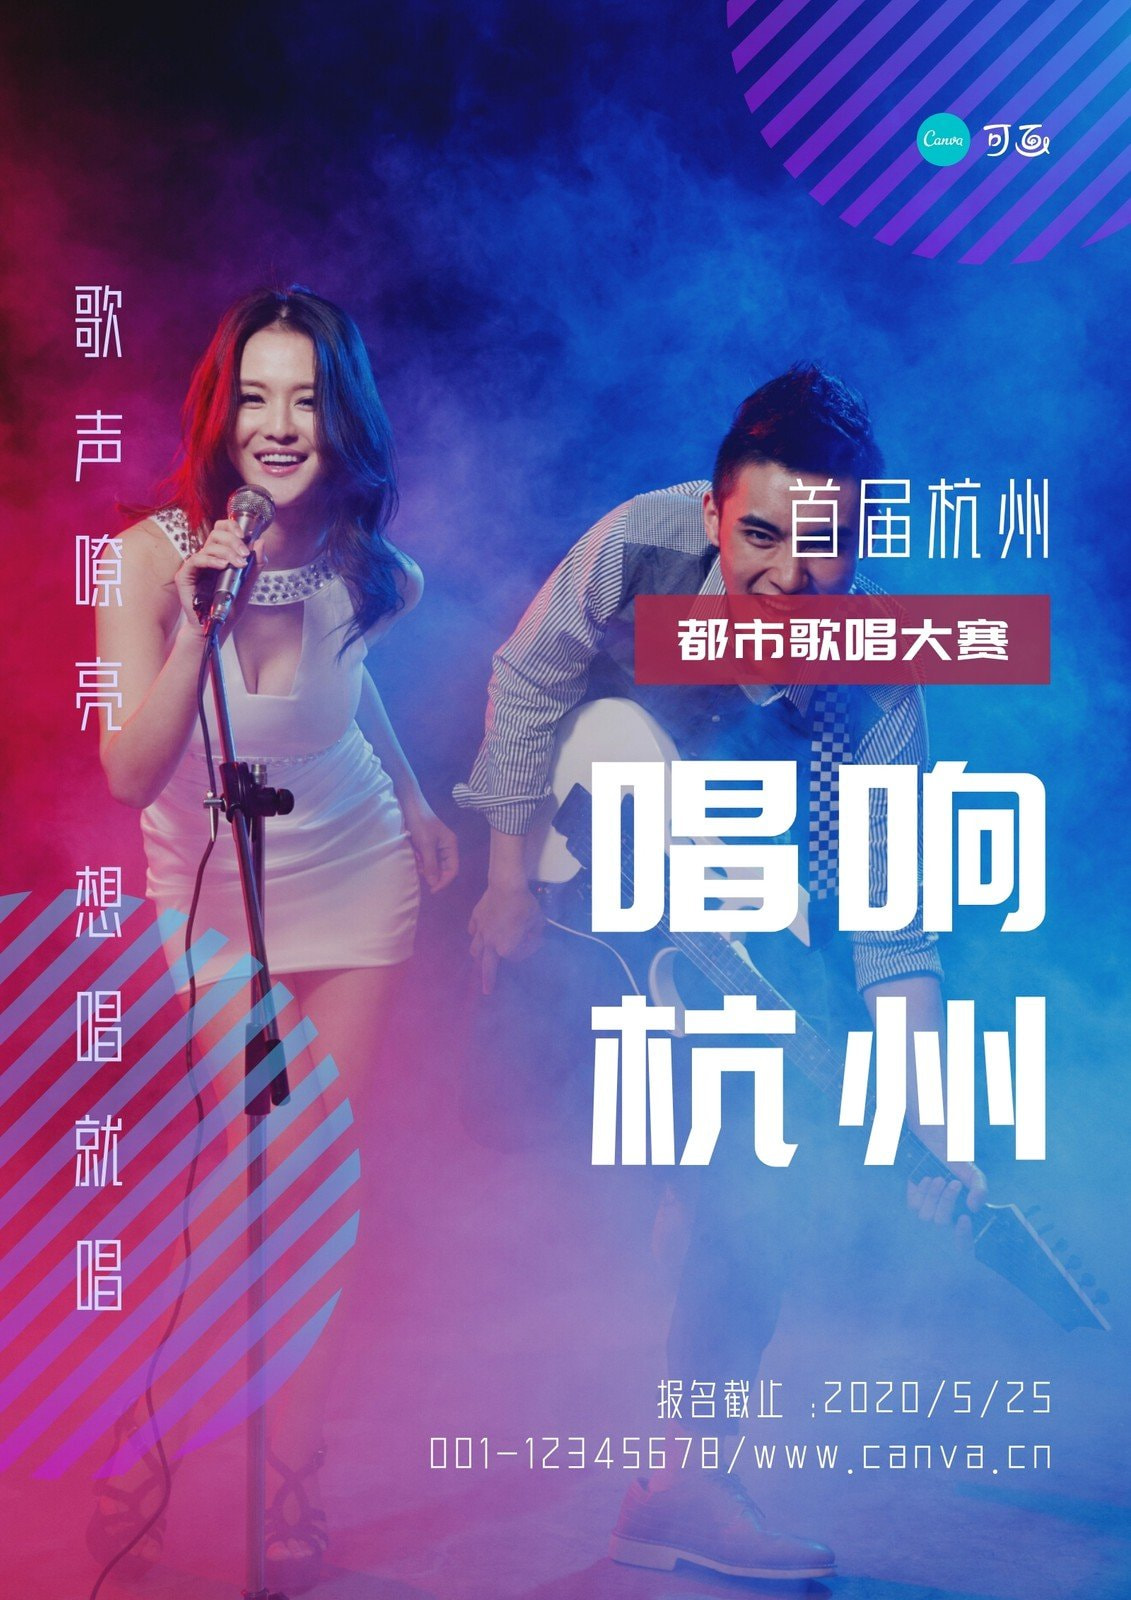 紫蓝色歌手照片活动比赛中文海报